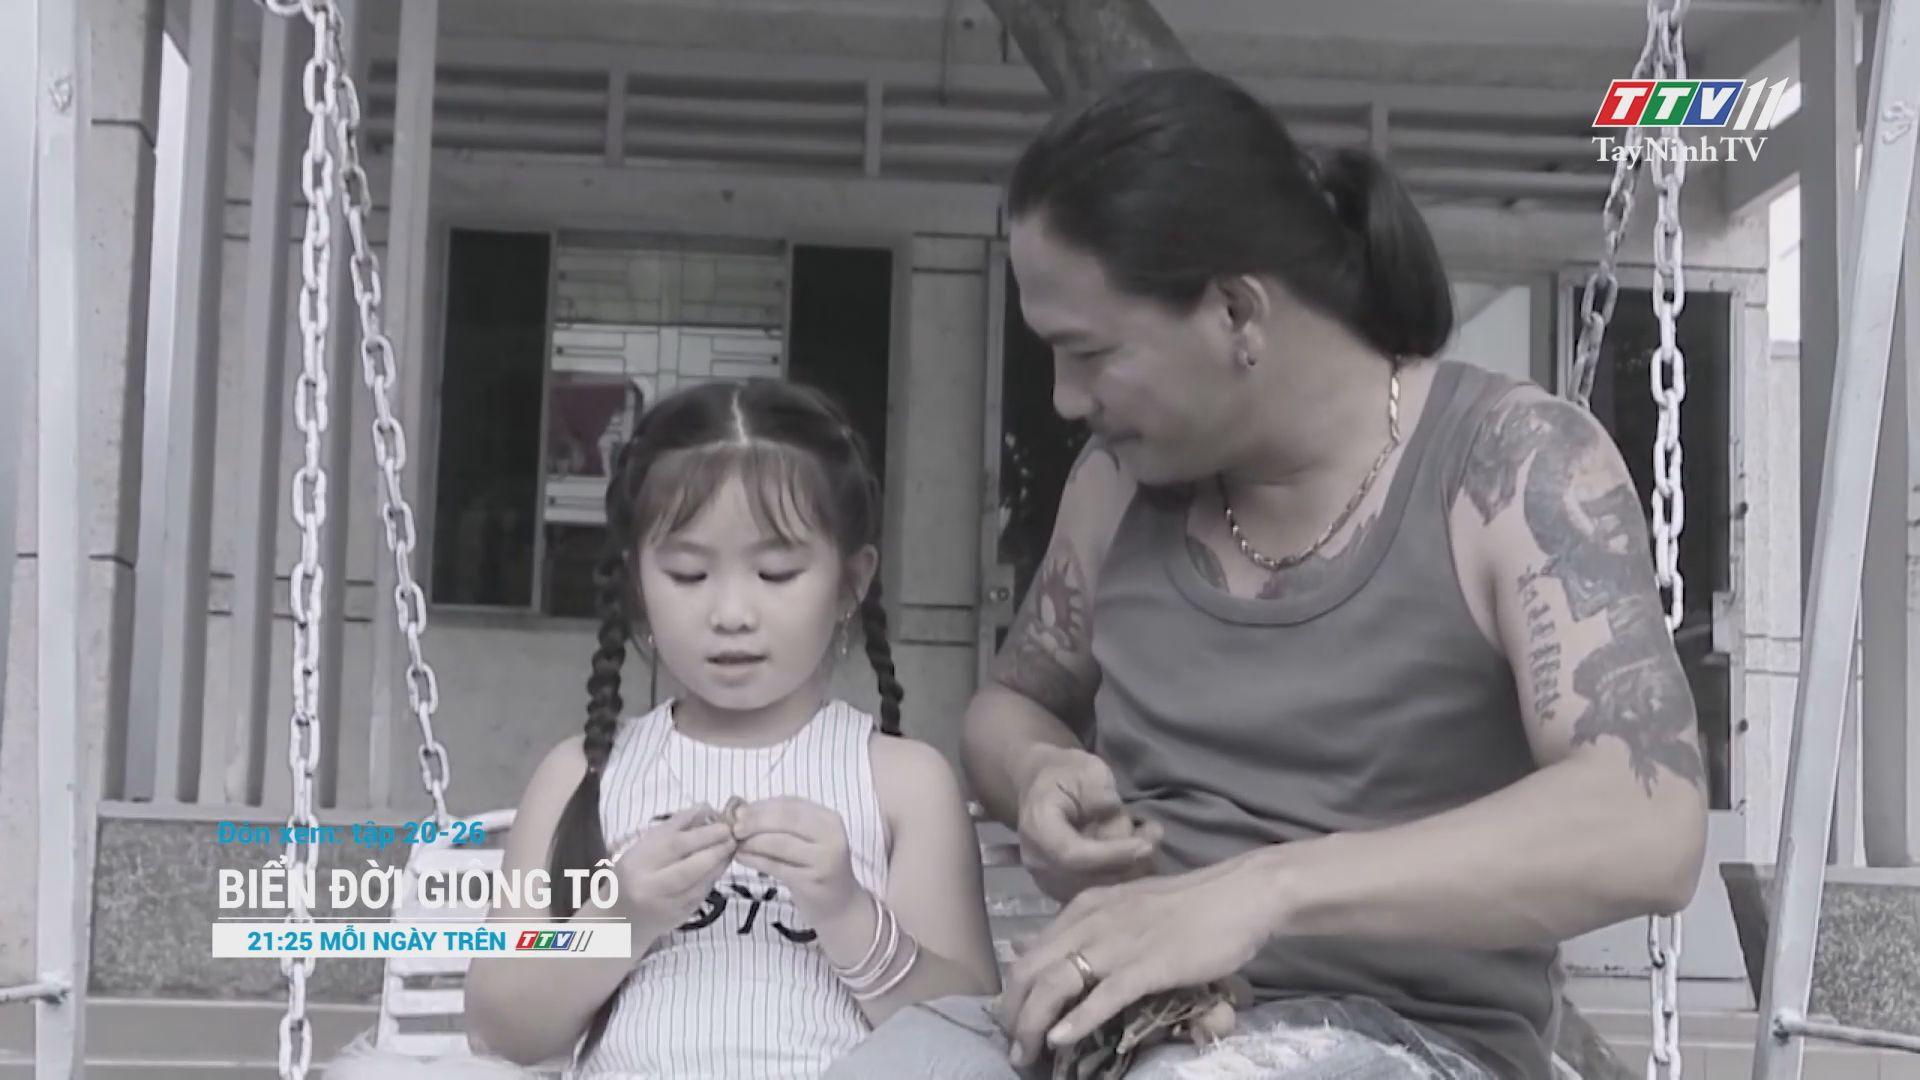 Phim BIỂN ĐỜI GIÔNG TỐ - Trailer Tập 20-26 | GIỚI THIỆU PHIM | TayNinhTV